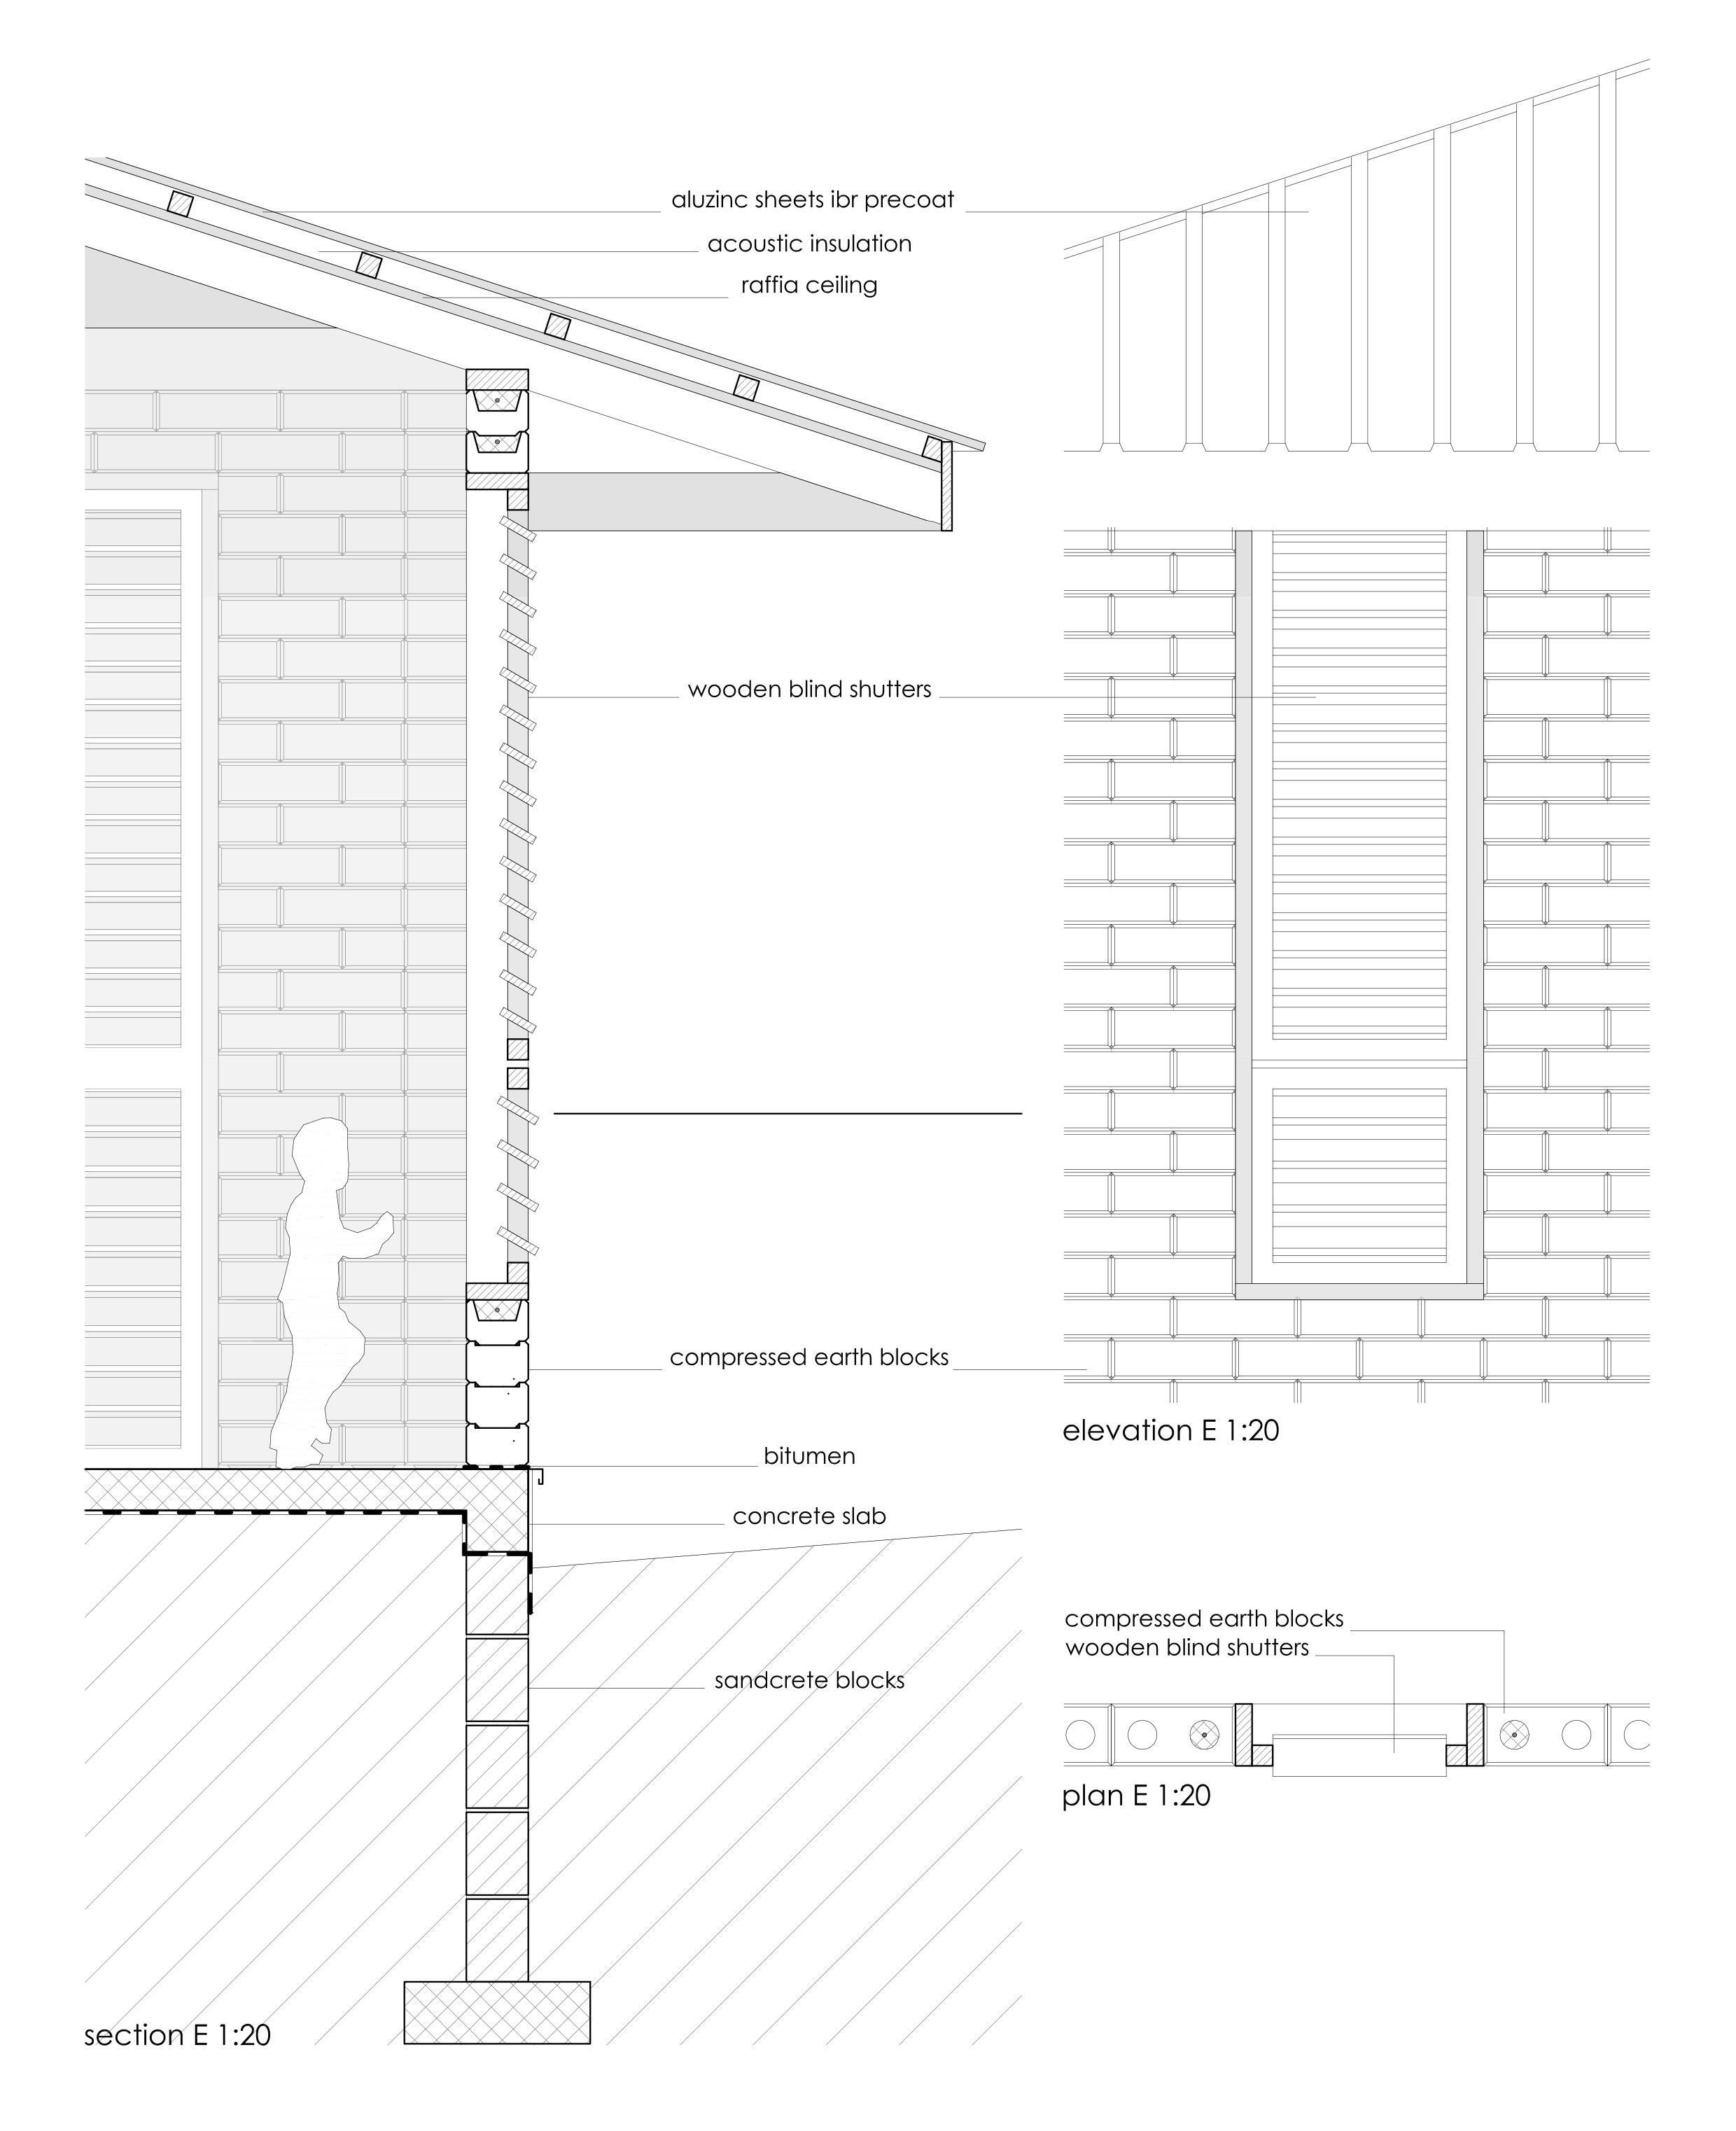 C:UsersLauriDropboxWEbuildingSchool in GhanaArchitecture P